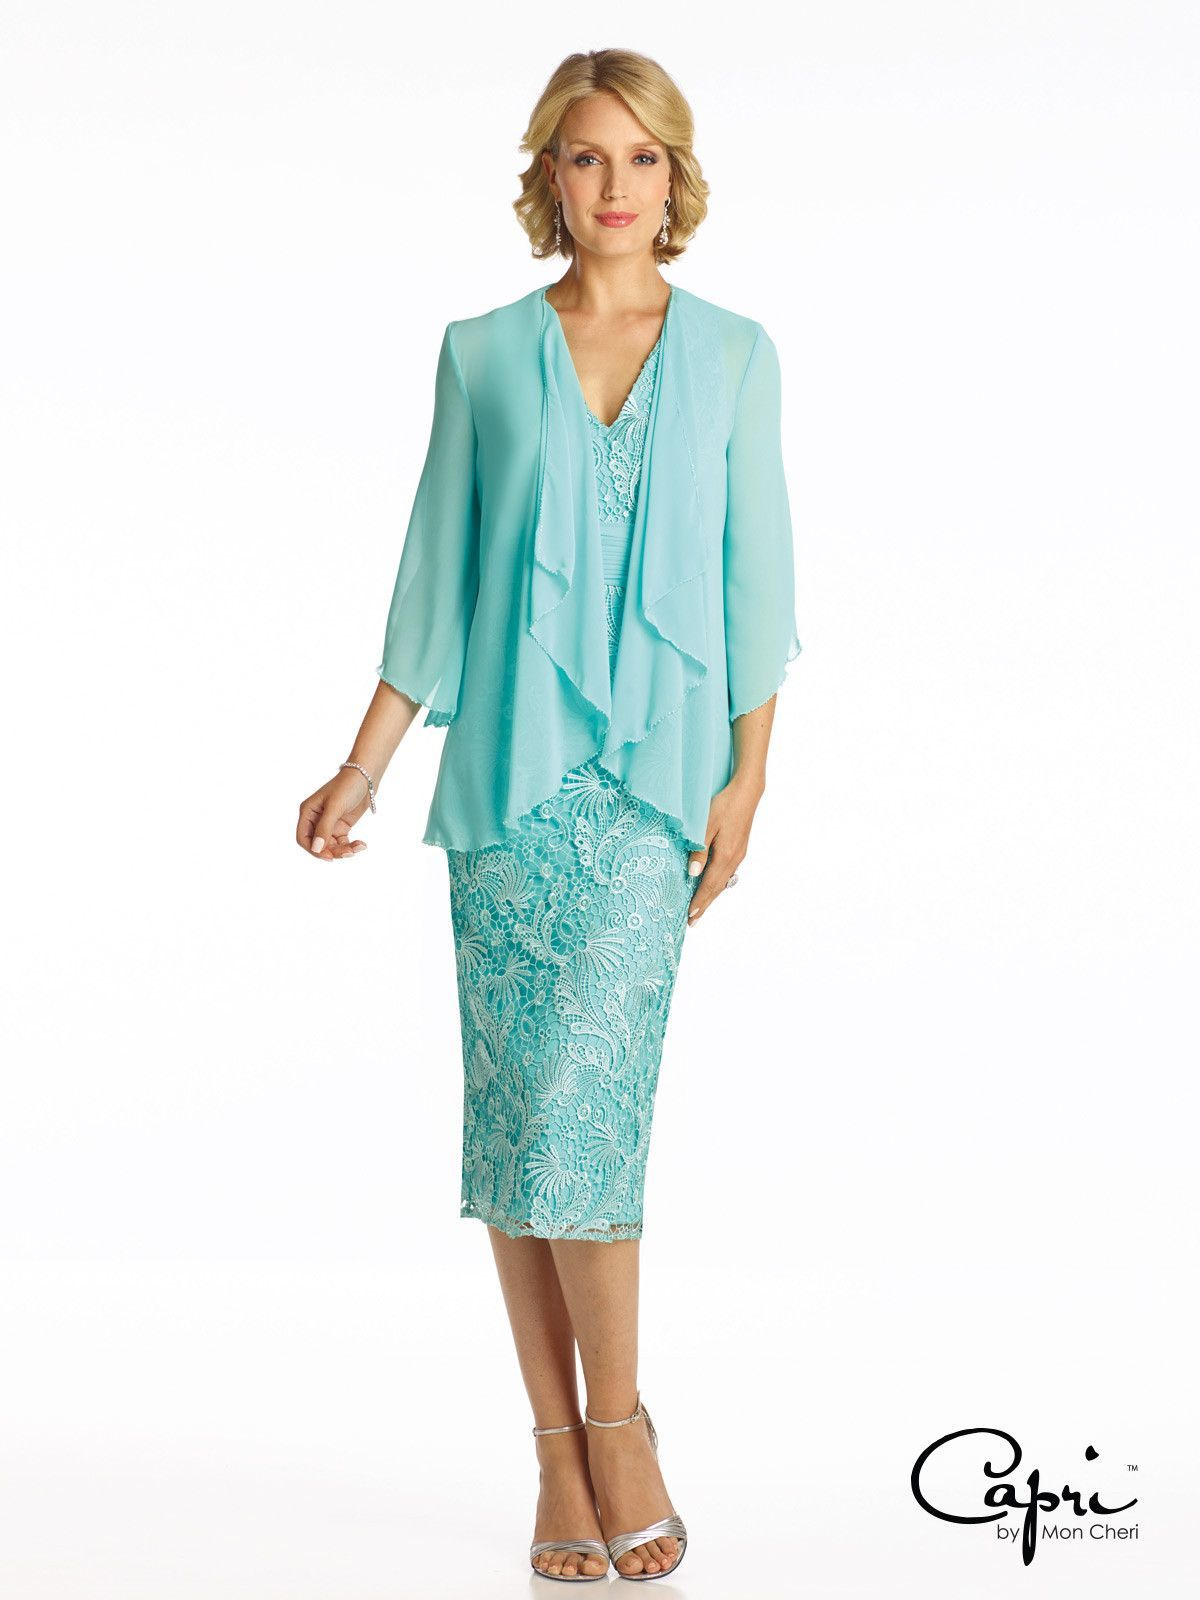 Capri - CP11621 - All Dressed Up, Mother/Guest | Capri, Final sale ...